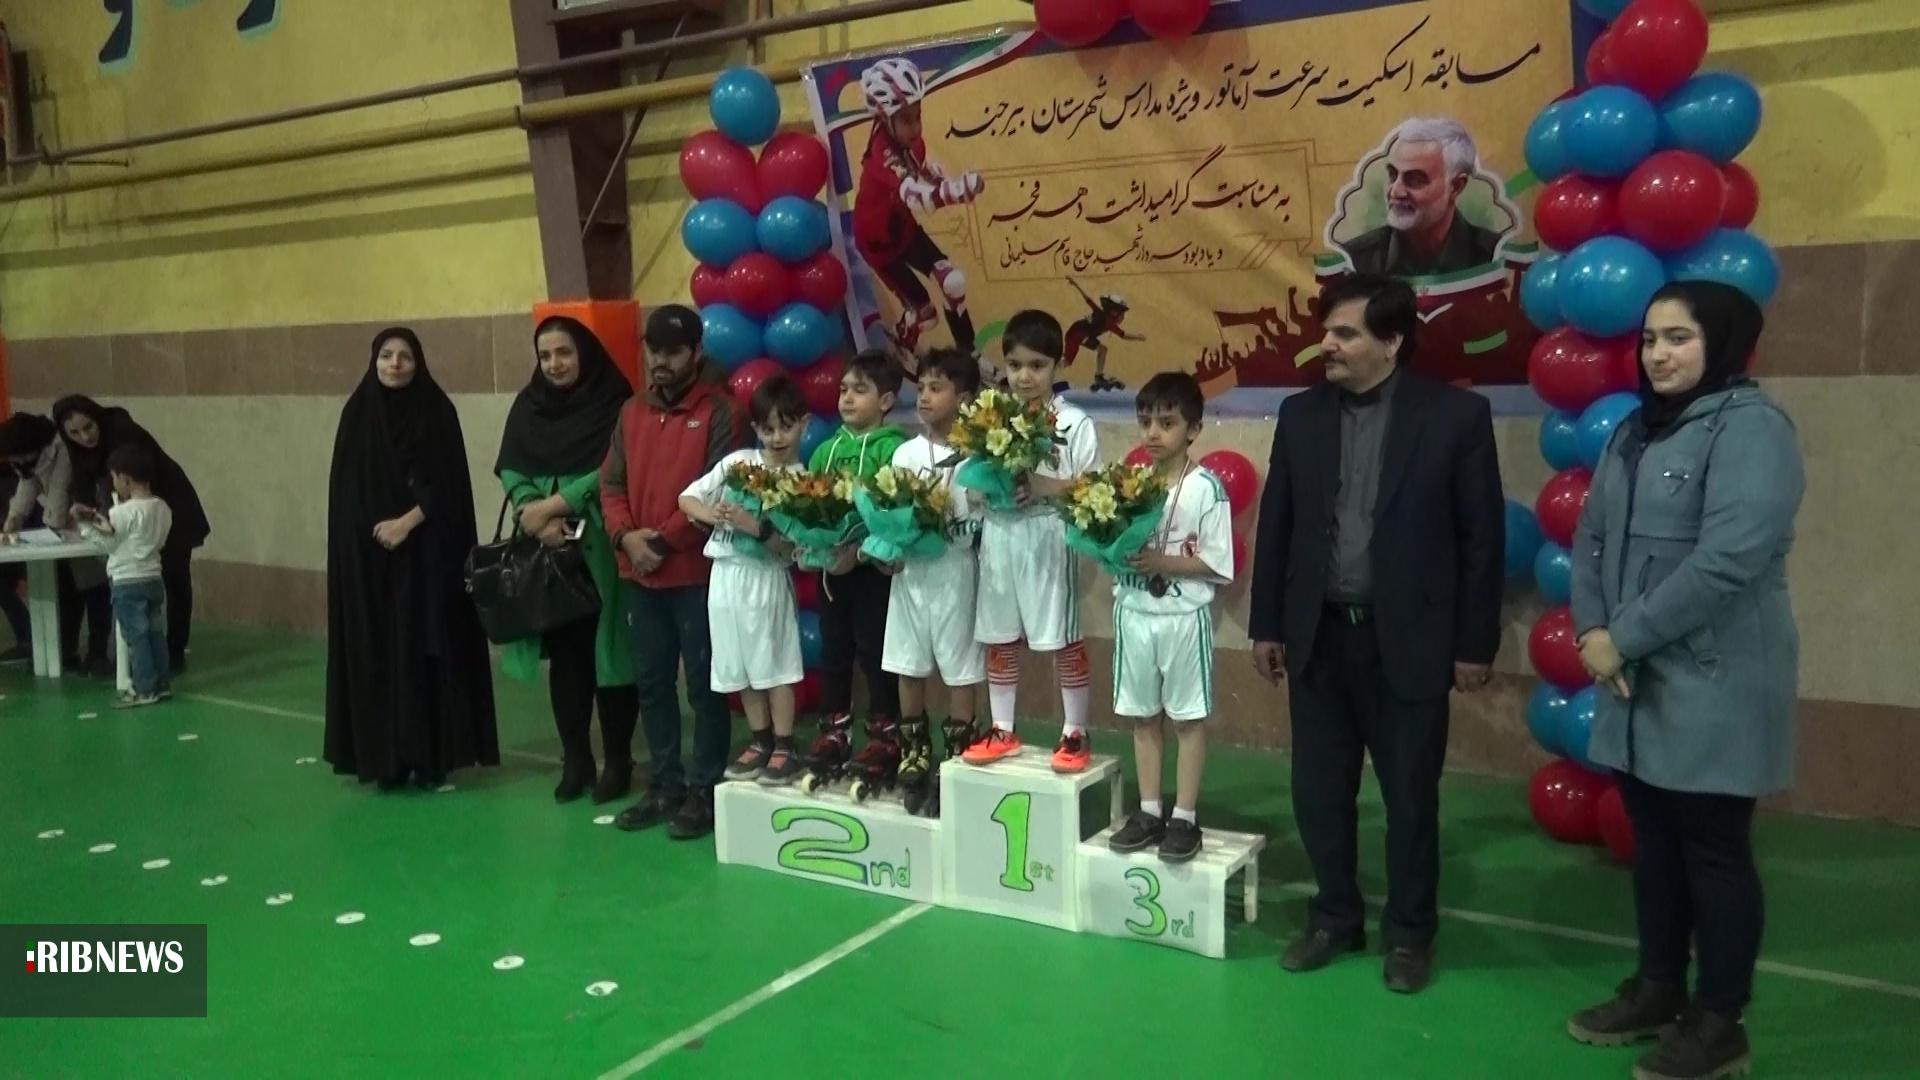 برگزاری مسابقات اسکیت در شهرستان بیرجند